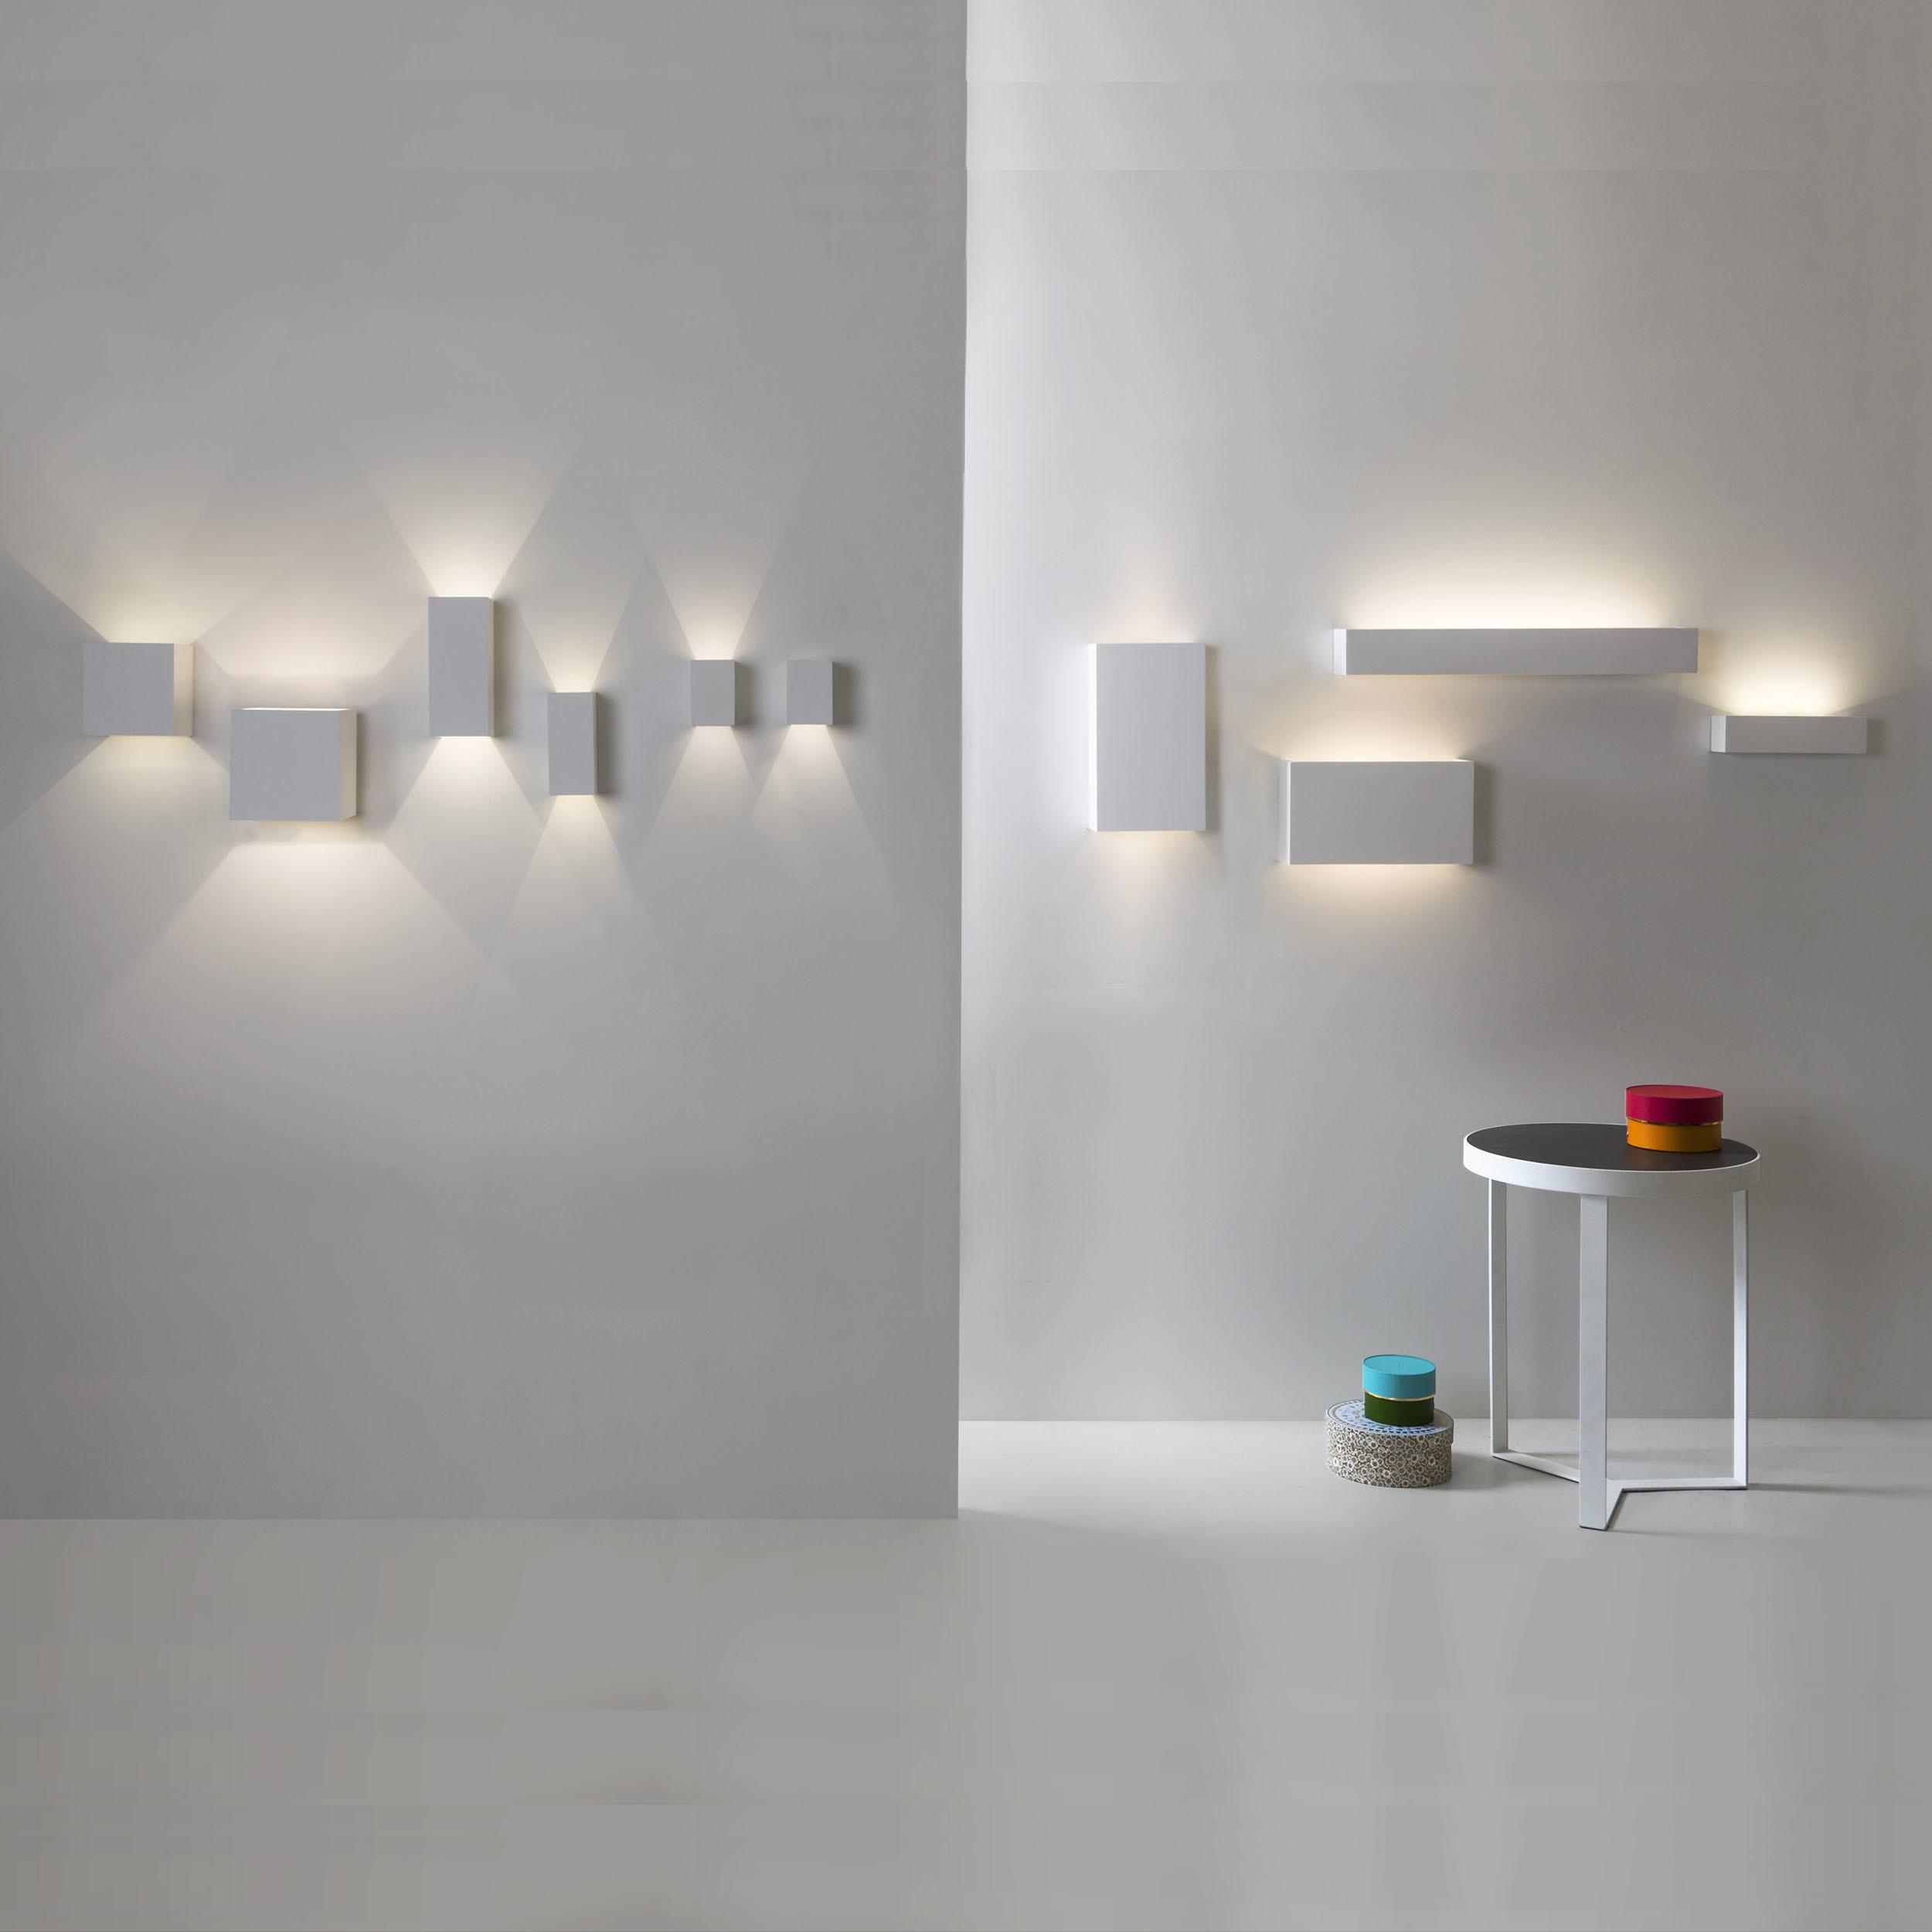 Настенный светильник Astro Pienza 1196003 (7153), 1xE27x60W, белый, под покраску, металл, гипс - фото 2